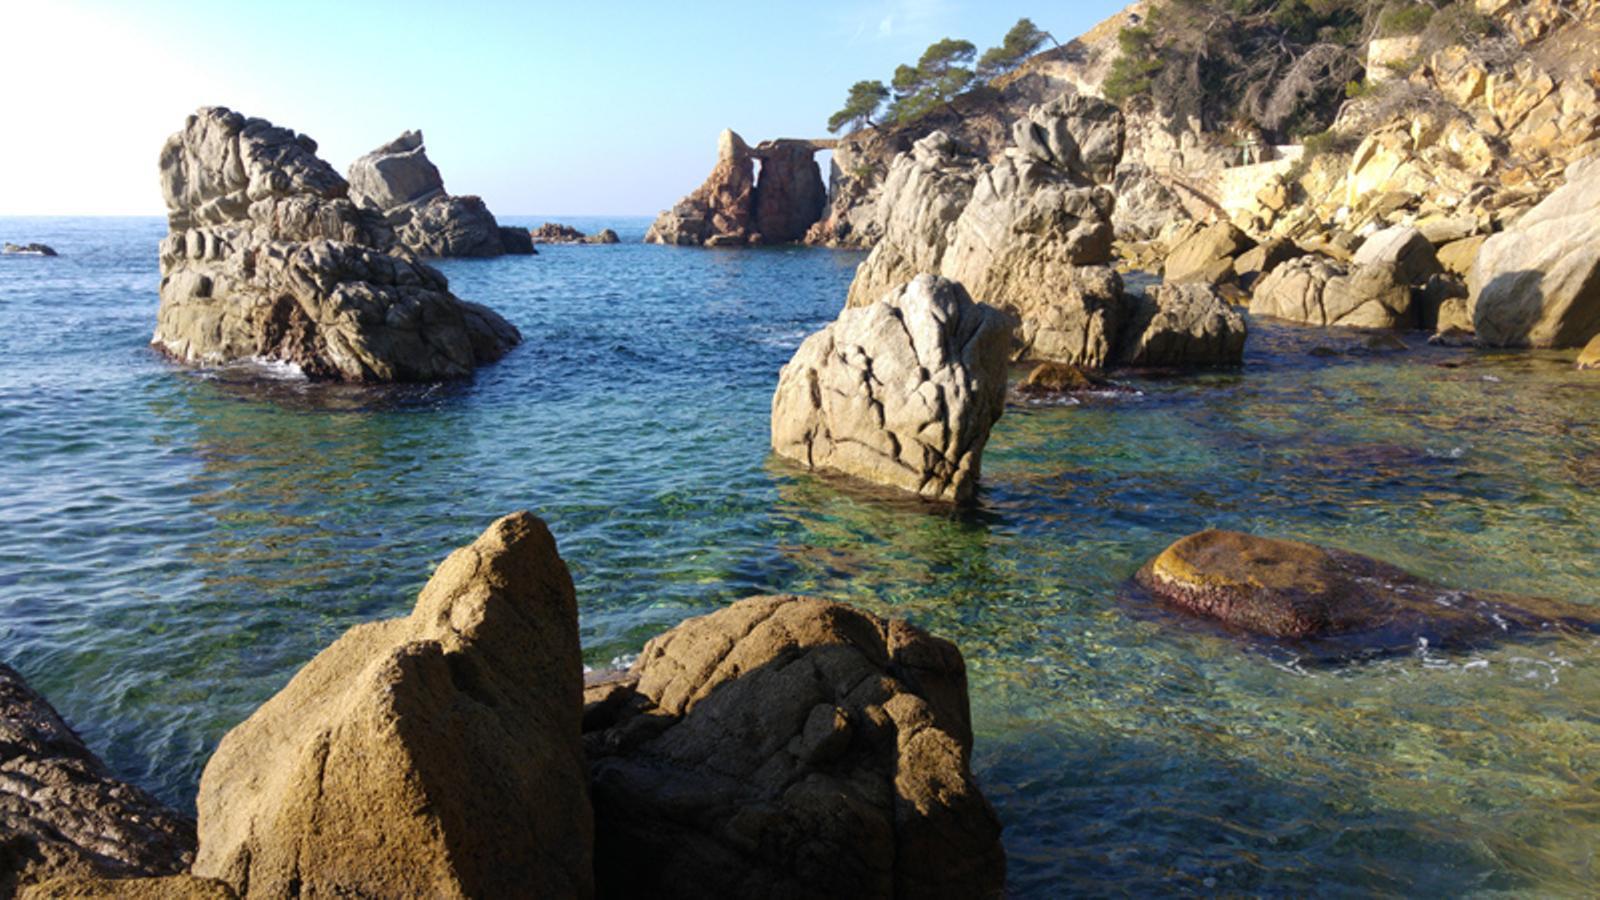 Temperatura del mar r cord per un mes de febrer - Lloret del mar meteo ...